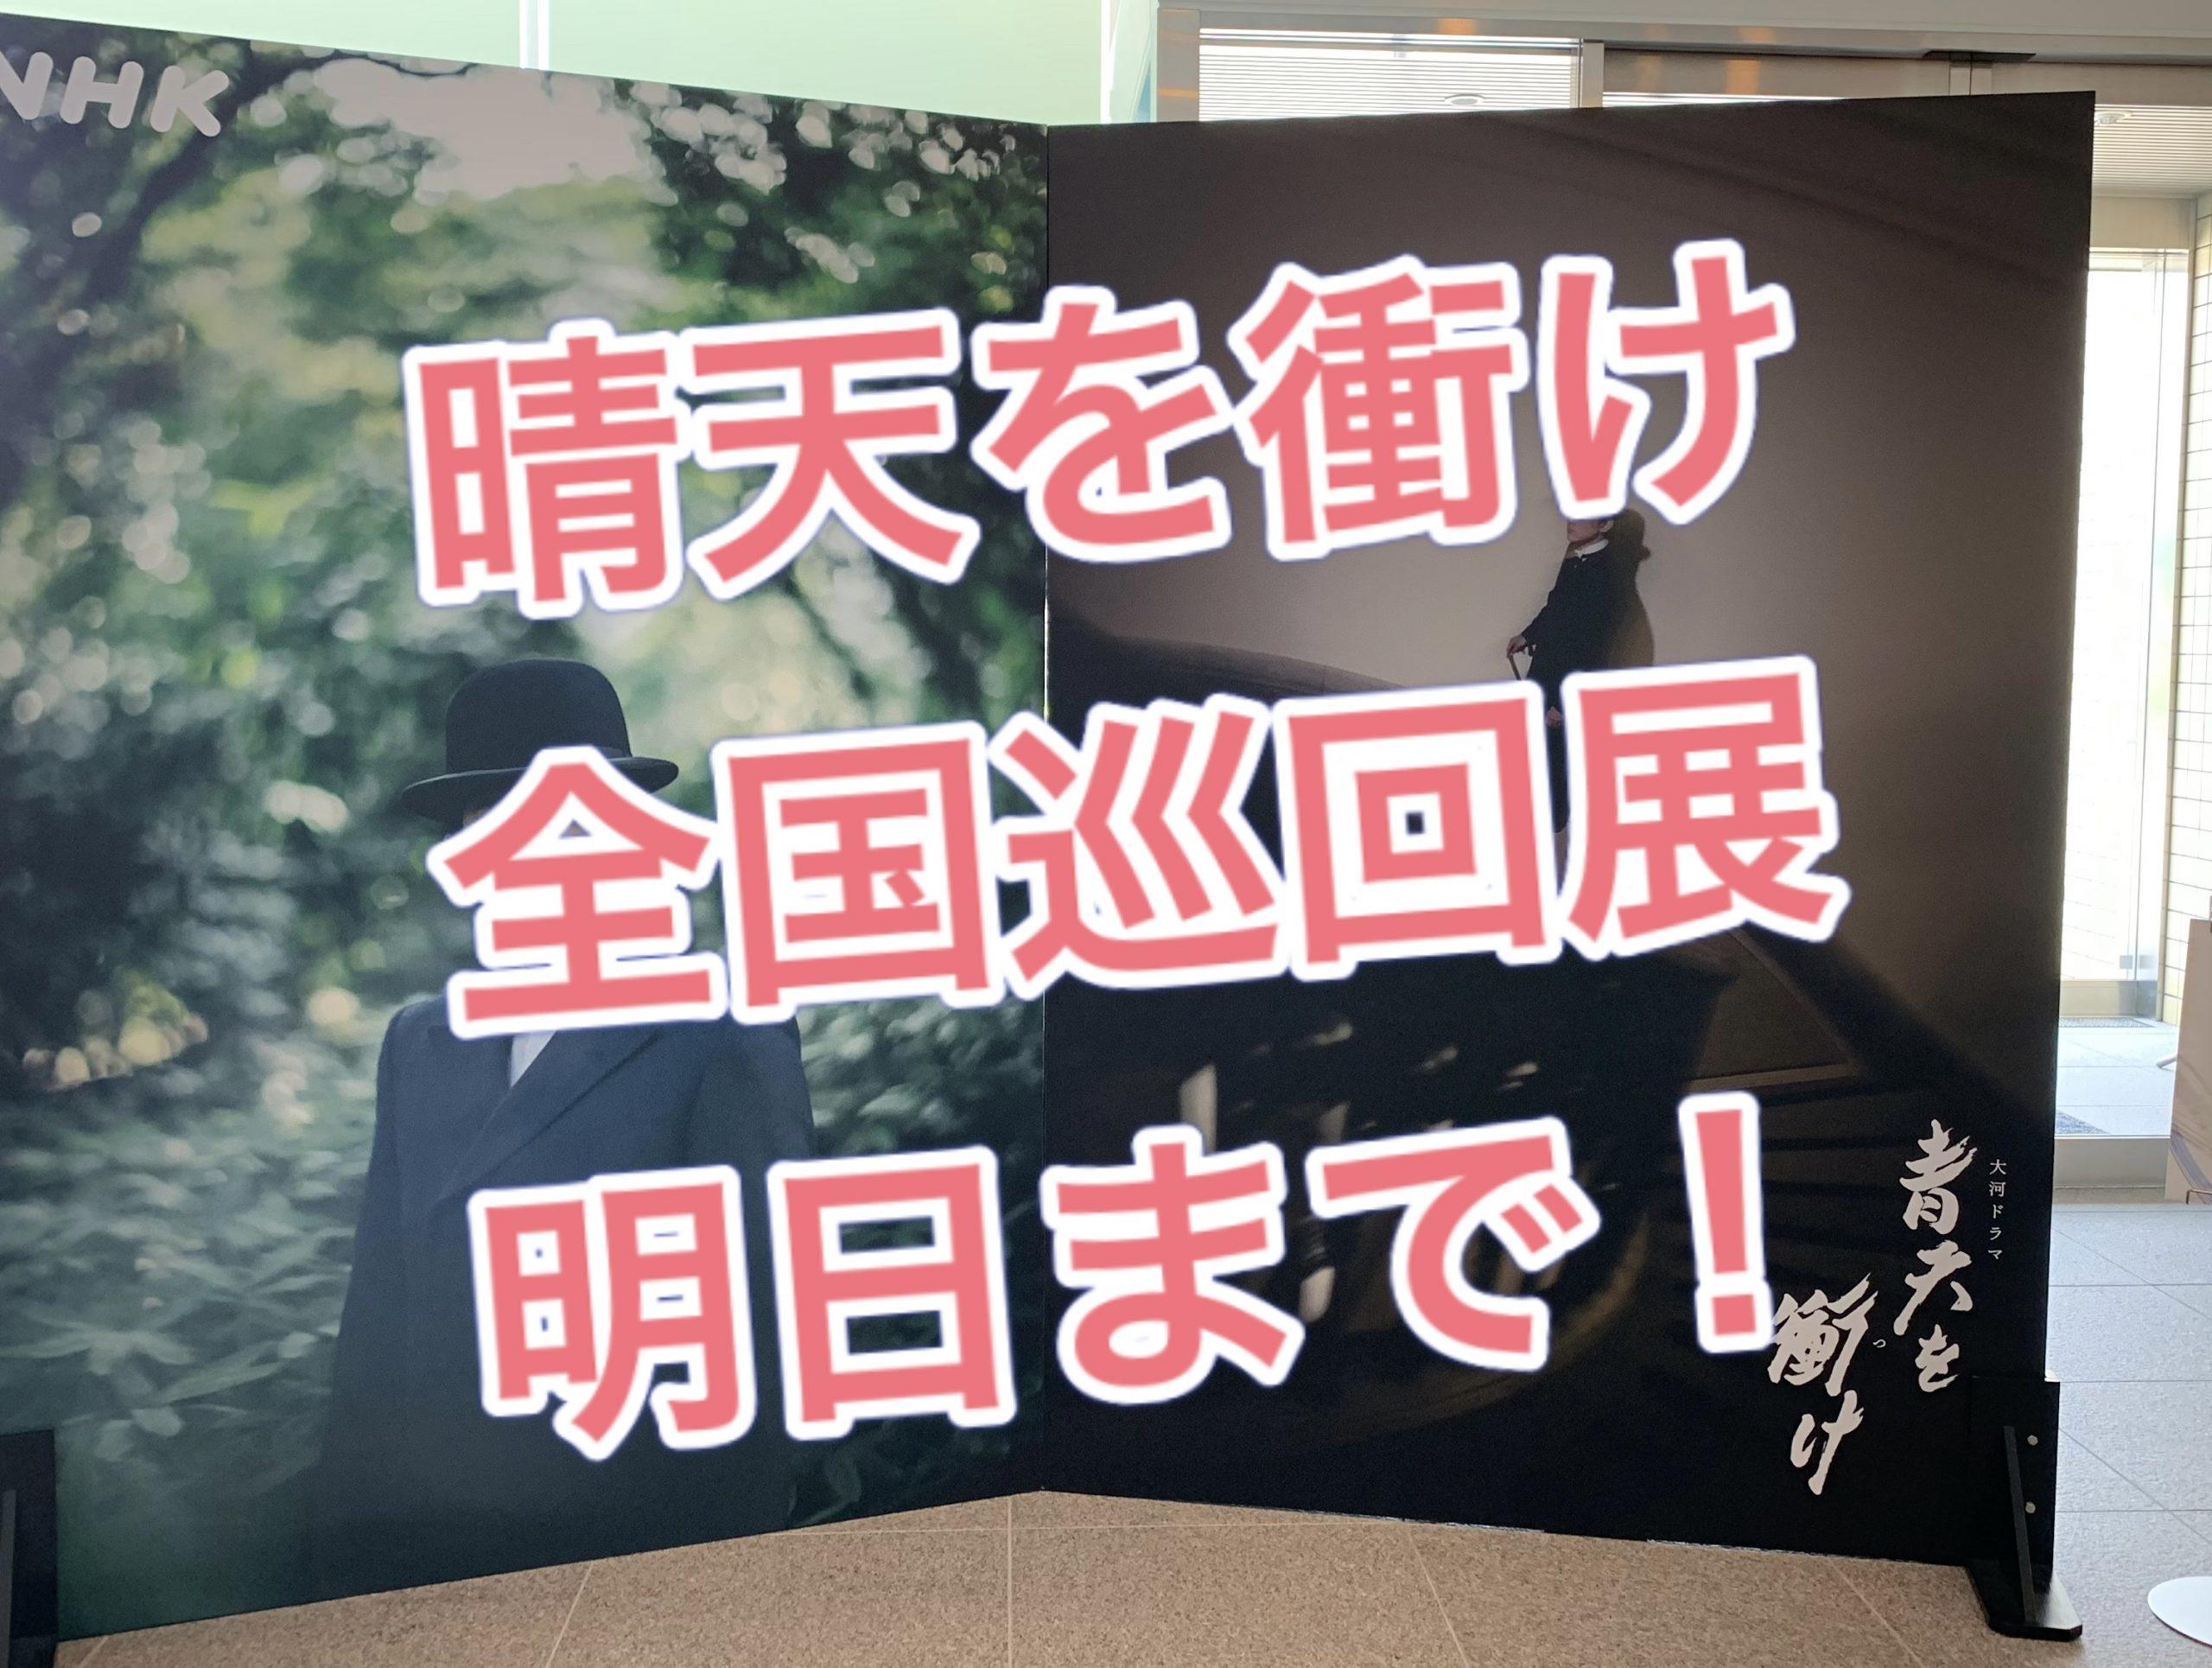 大河ドラマ「青天を衝け」全国巡回展 鹿児島展~9月30日(木)午前9時30分~午後6時まで イメージ画像